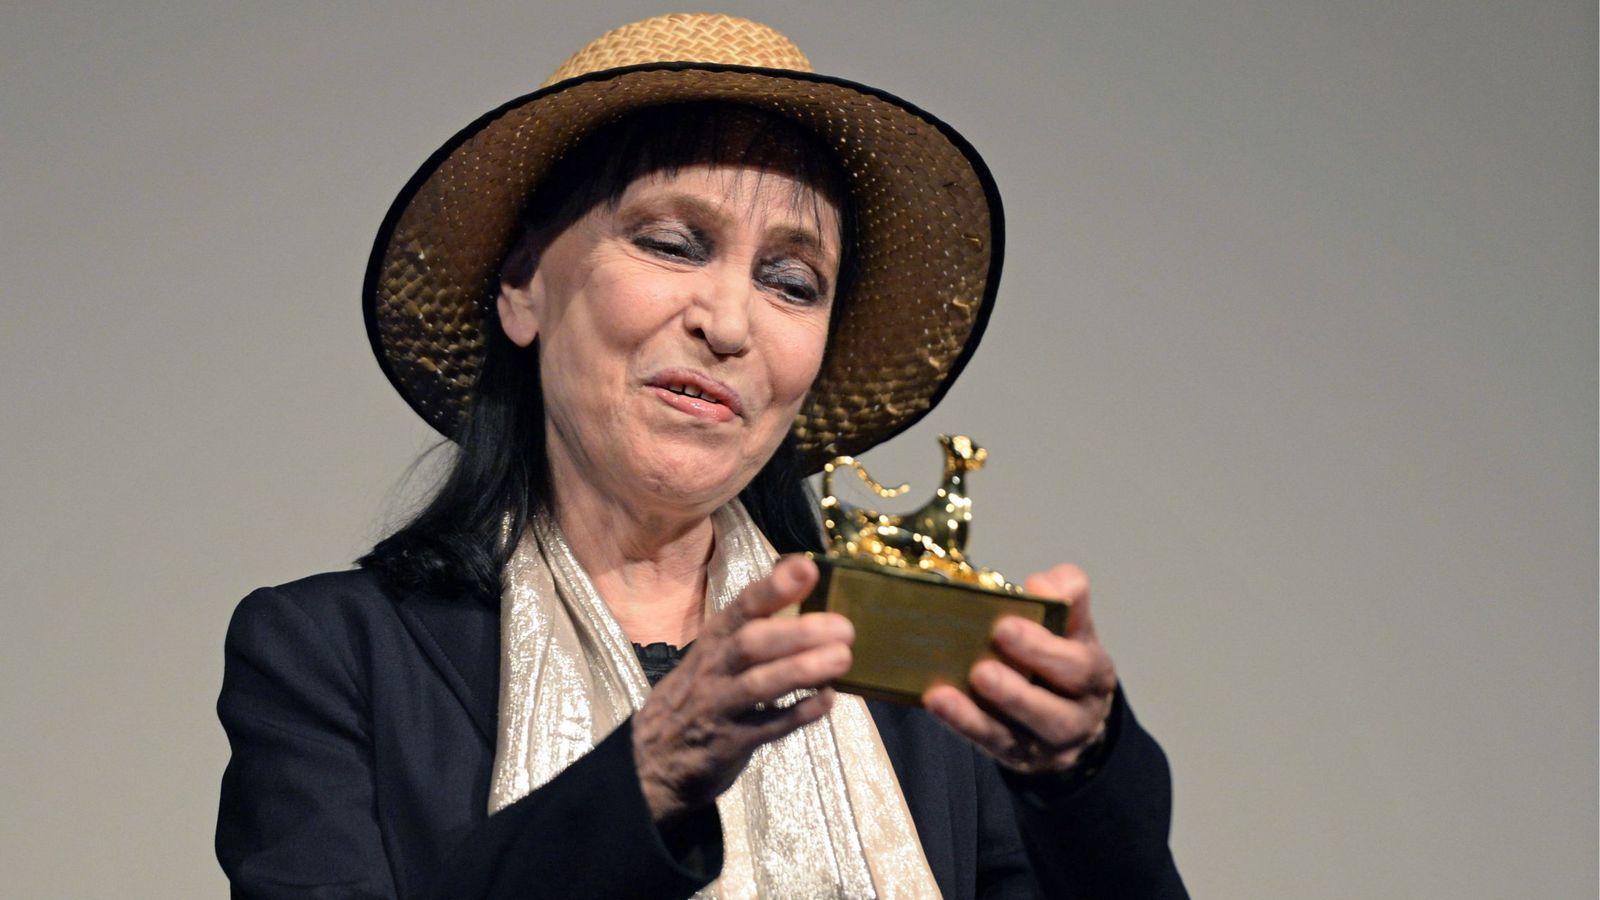 Ana Nominada Actriz Revelación Cine Porno películas: fallece a los 79 años anna karina, actriz icono